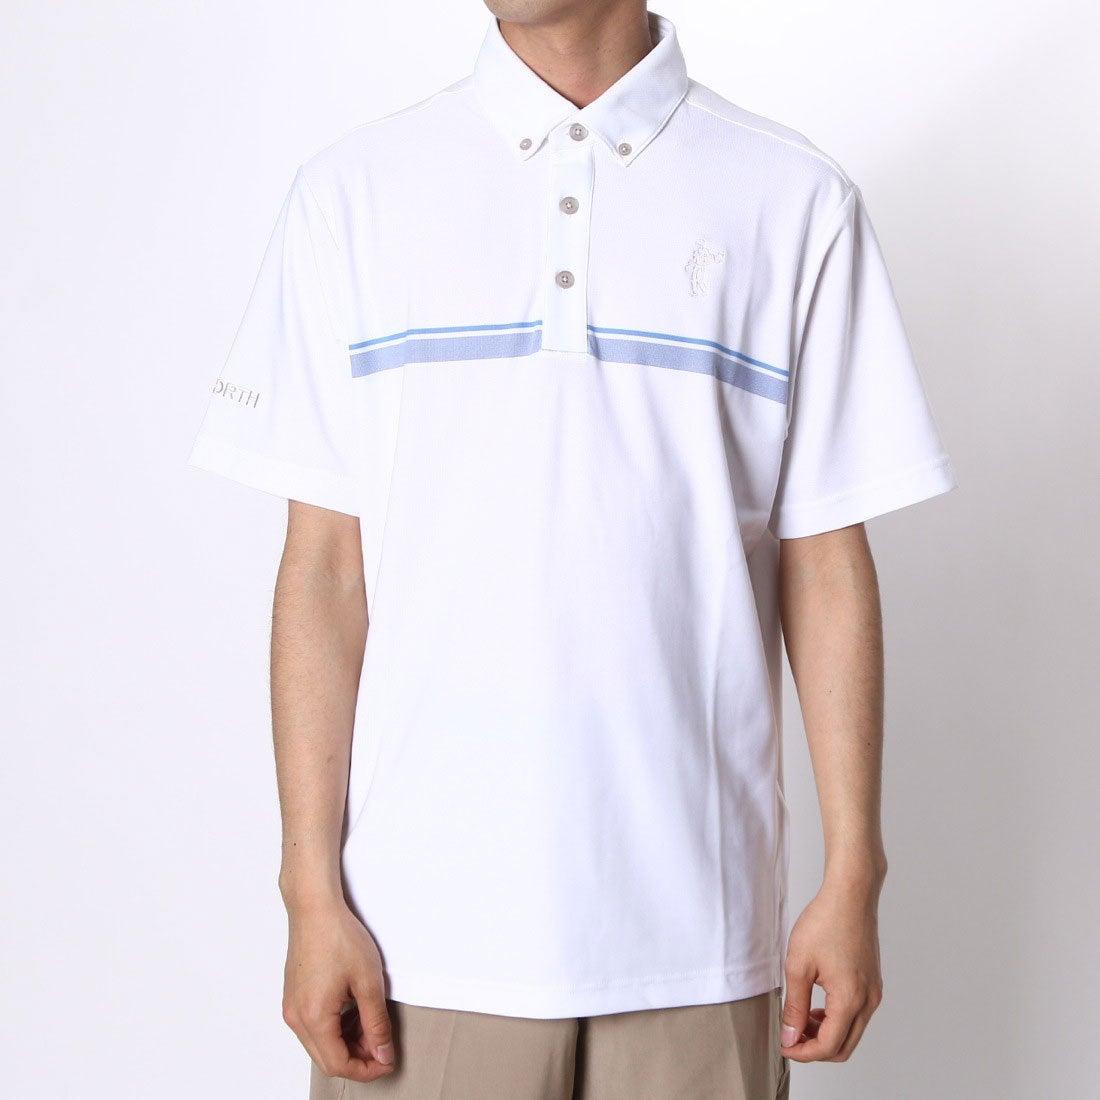 【SALE 46%OFF】【アウトレット】アシュワース ASHWORTH ゴルフシャツ S/S チェストラインドB.D.シャツ KGL94 (ホワイト) メンズ